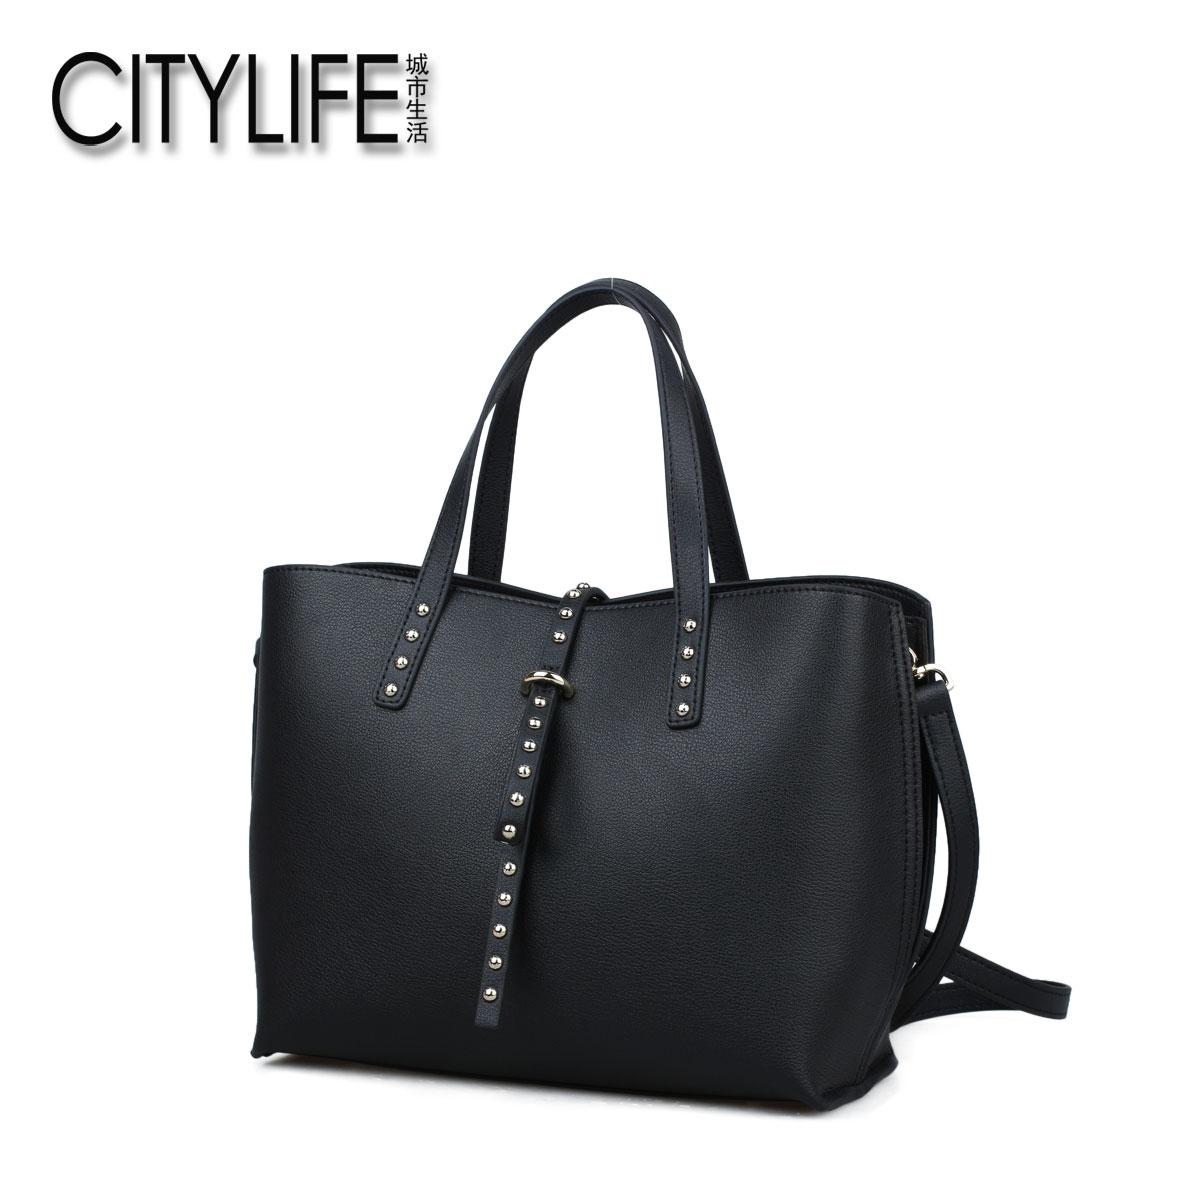 城市生活CITYLIFE包包新款牛皮�T�手提包�W美�L通勤女包